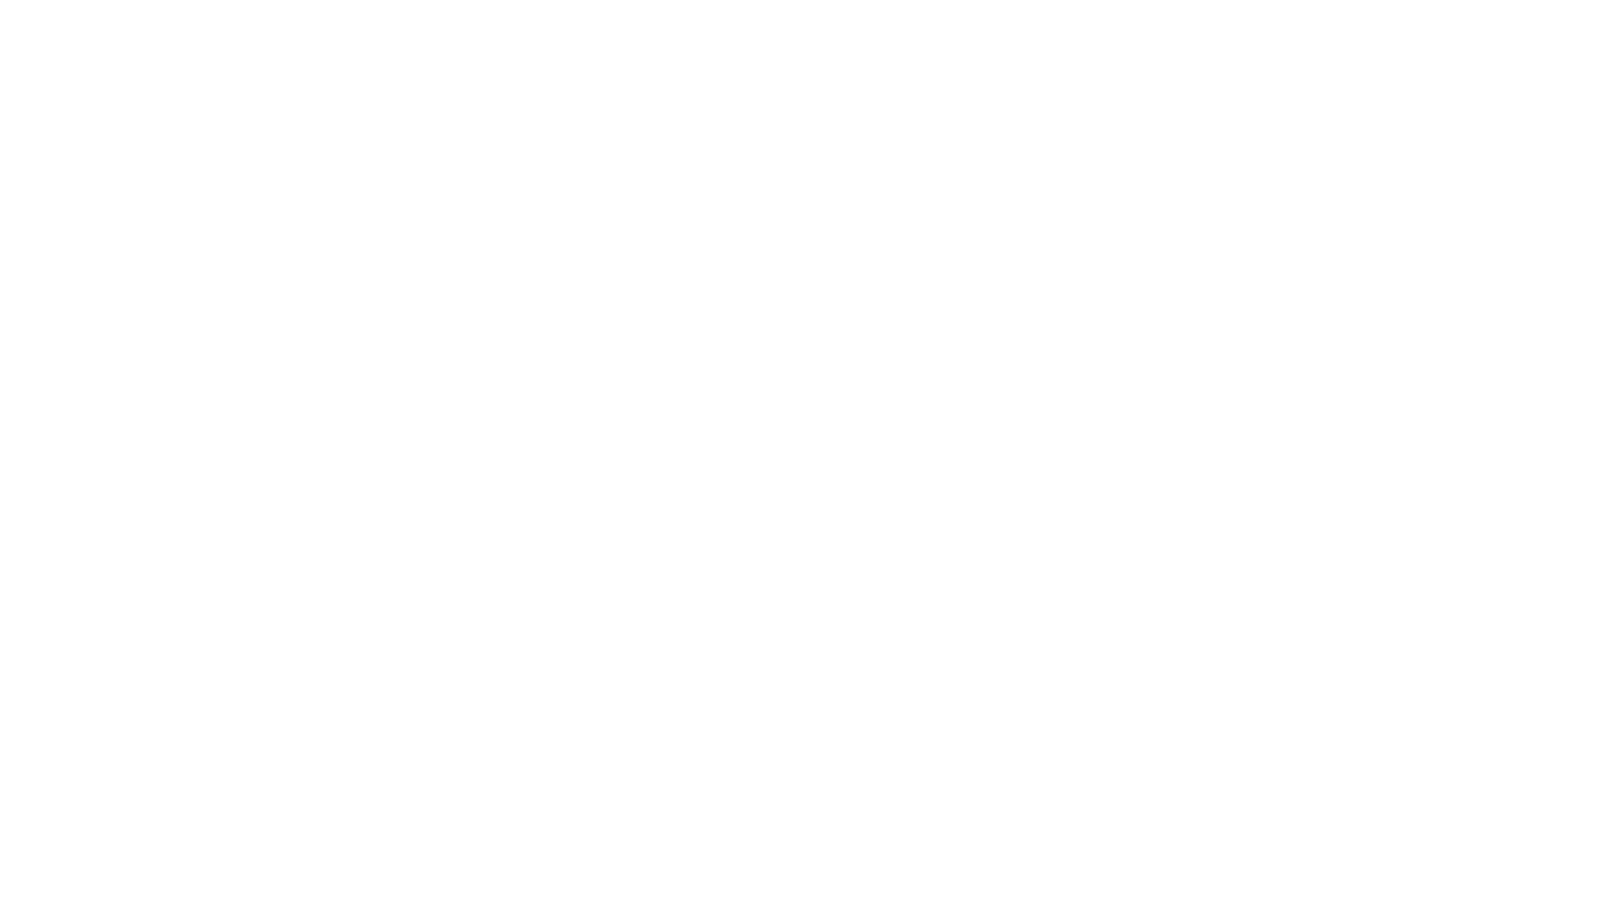 Soutěž NakopniPrahu II. jde do semifinále. V pátek, 9.4.2021 pořadatelé soutěže vyhlásili z 25 odevzdaných projektů 13 postupujících. Více informaci vč. toho jaké týmy postoupily najdete na www.nakopniprahu.cz.